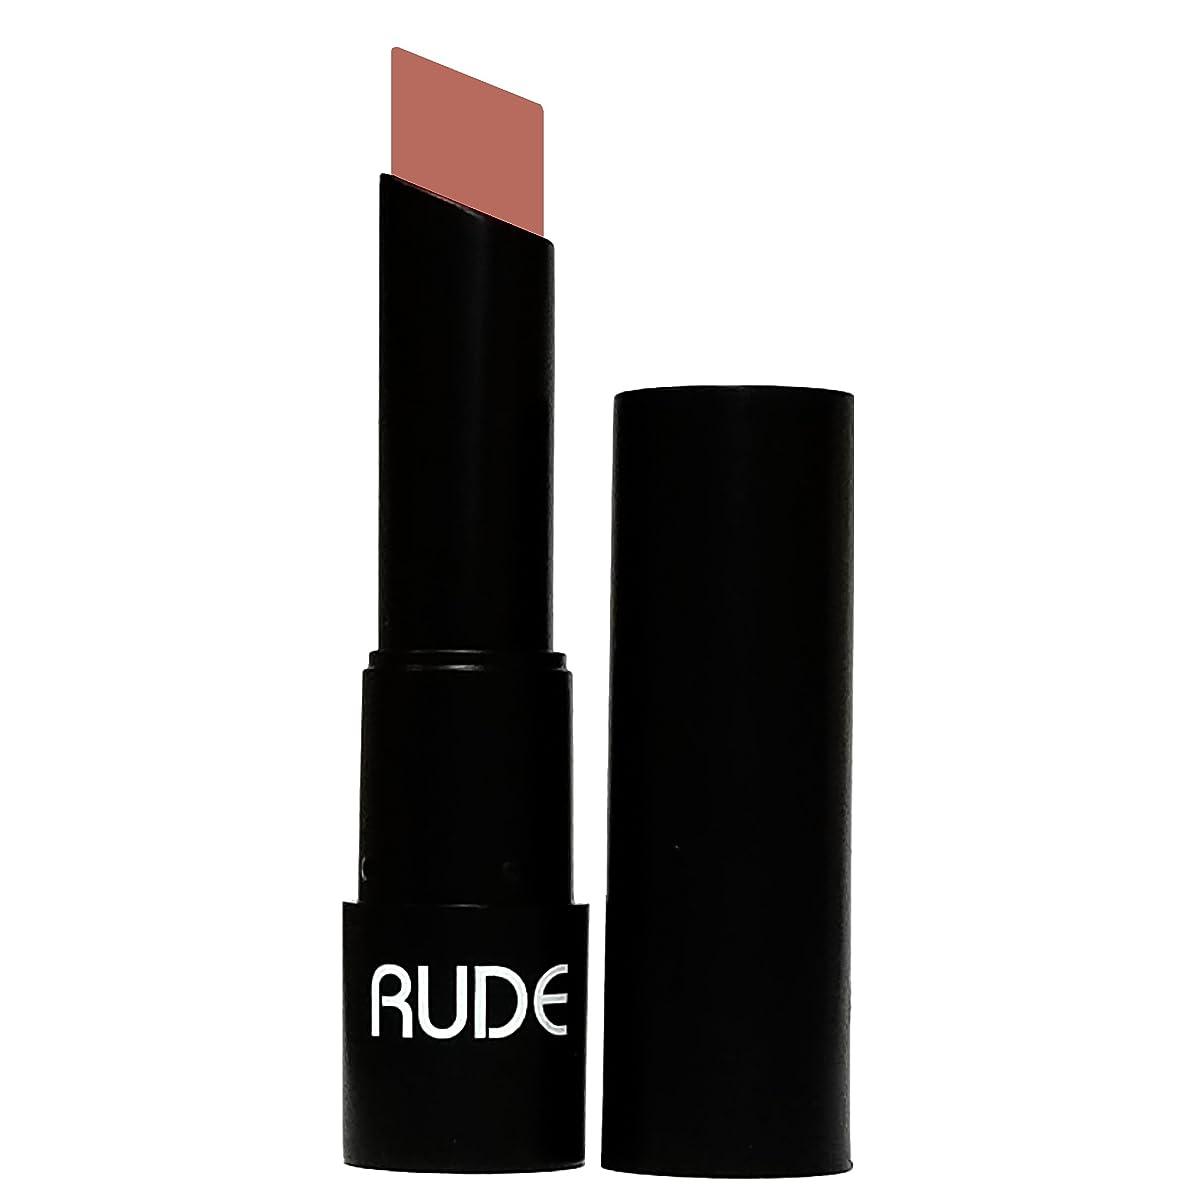 死の顎電気かる(3 Pack) RUDE Attitude Matte Lipstick - Swank (並行輸入品)